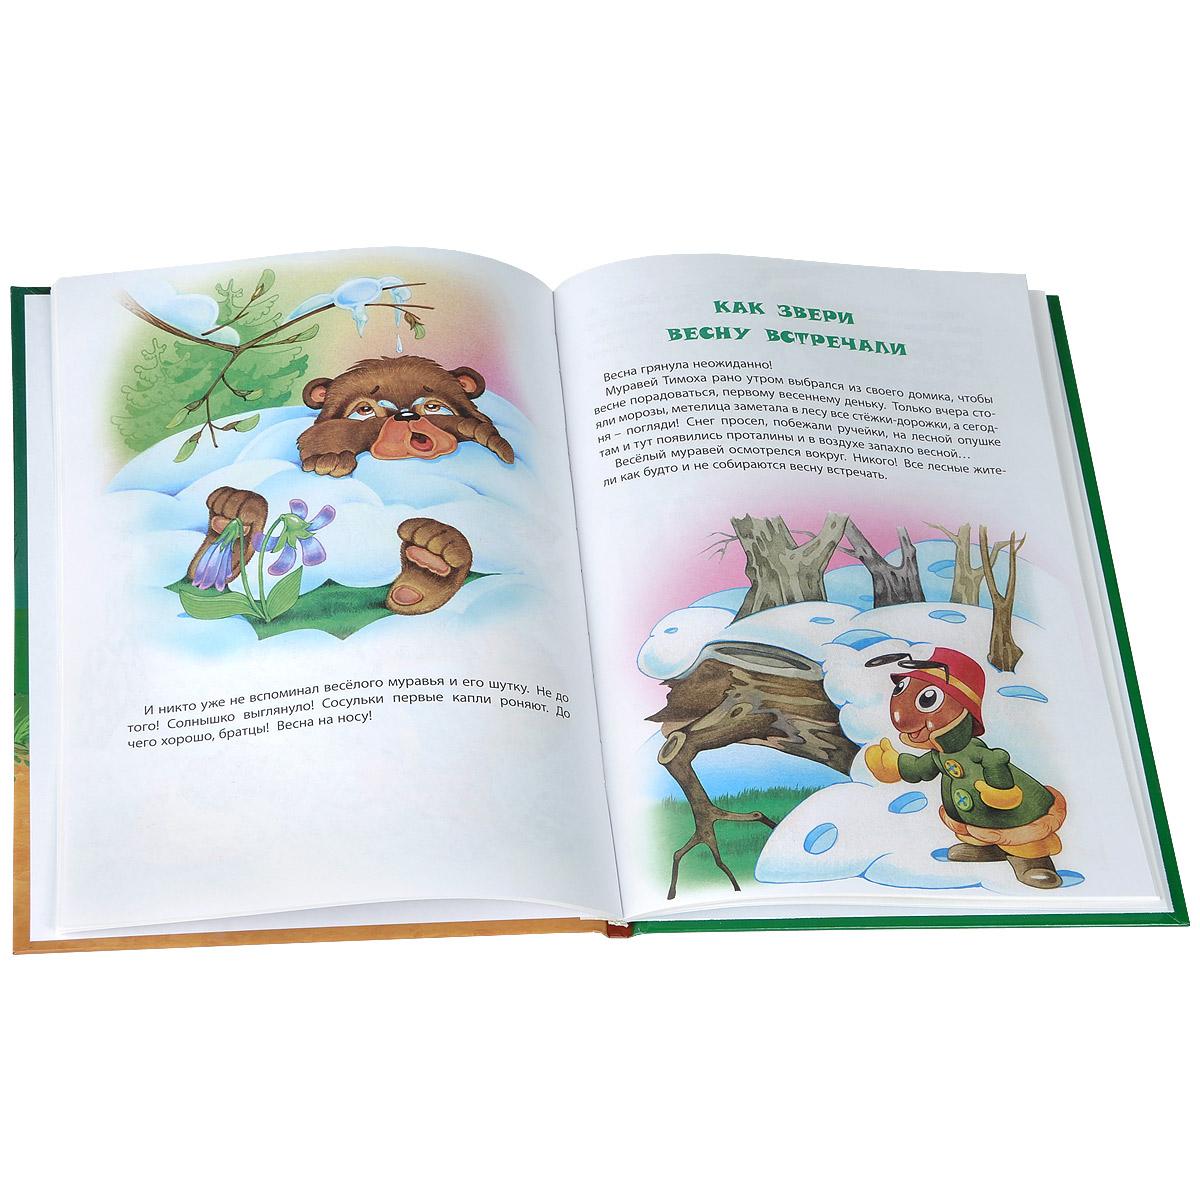 Сказки веселого муравья